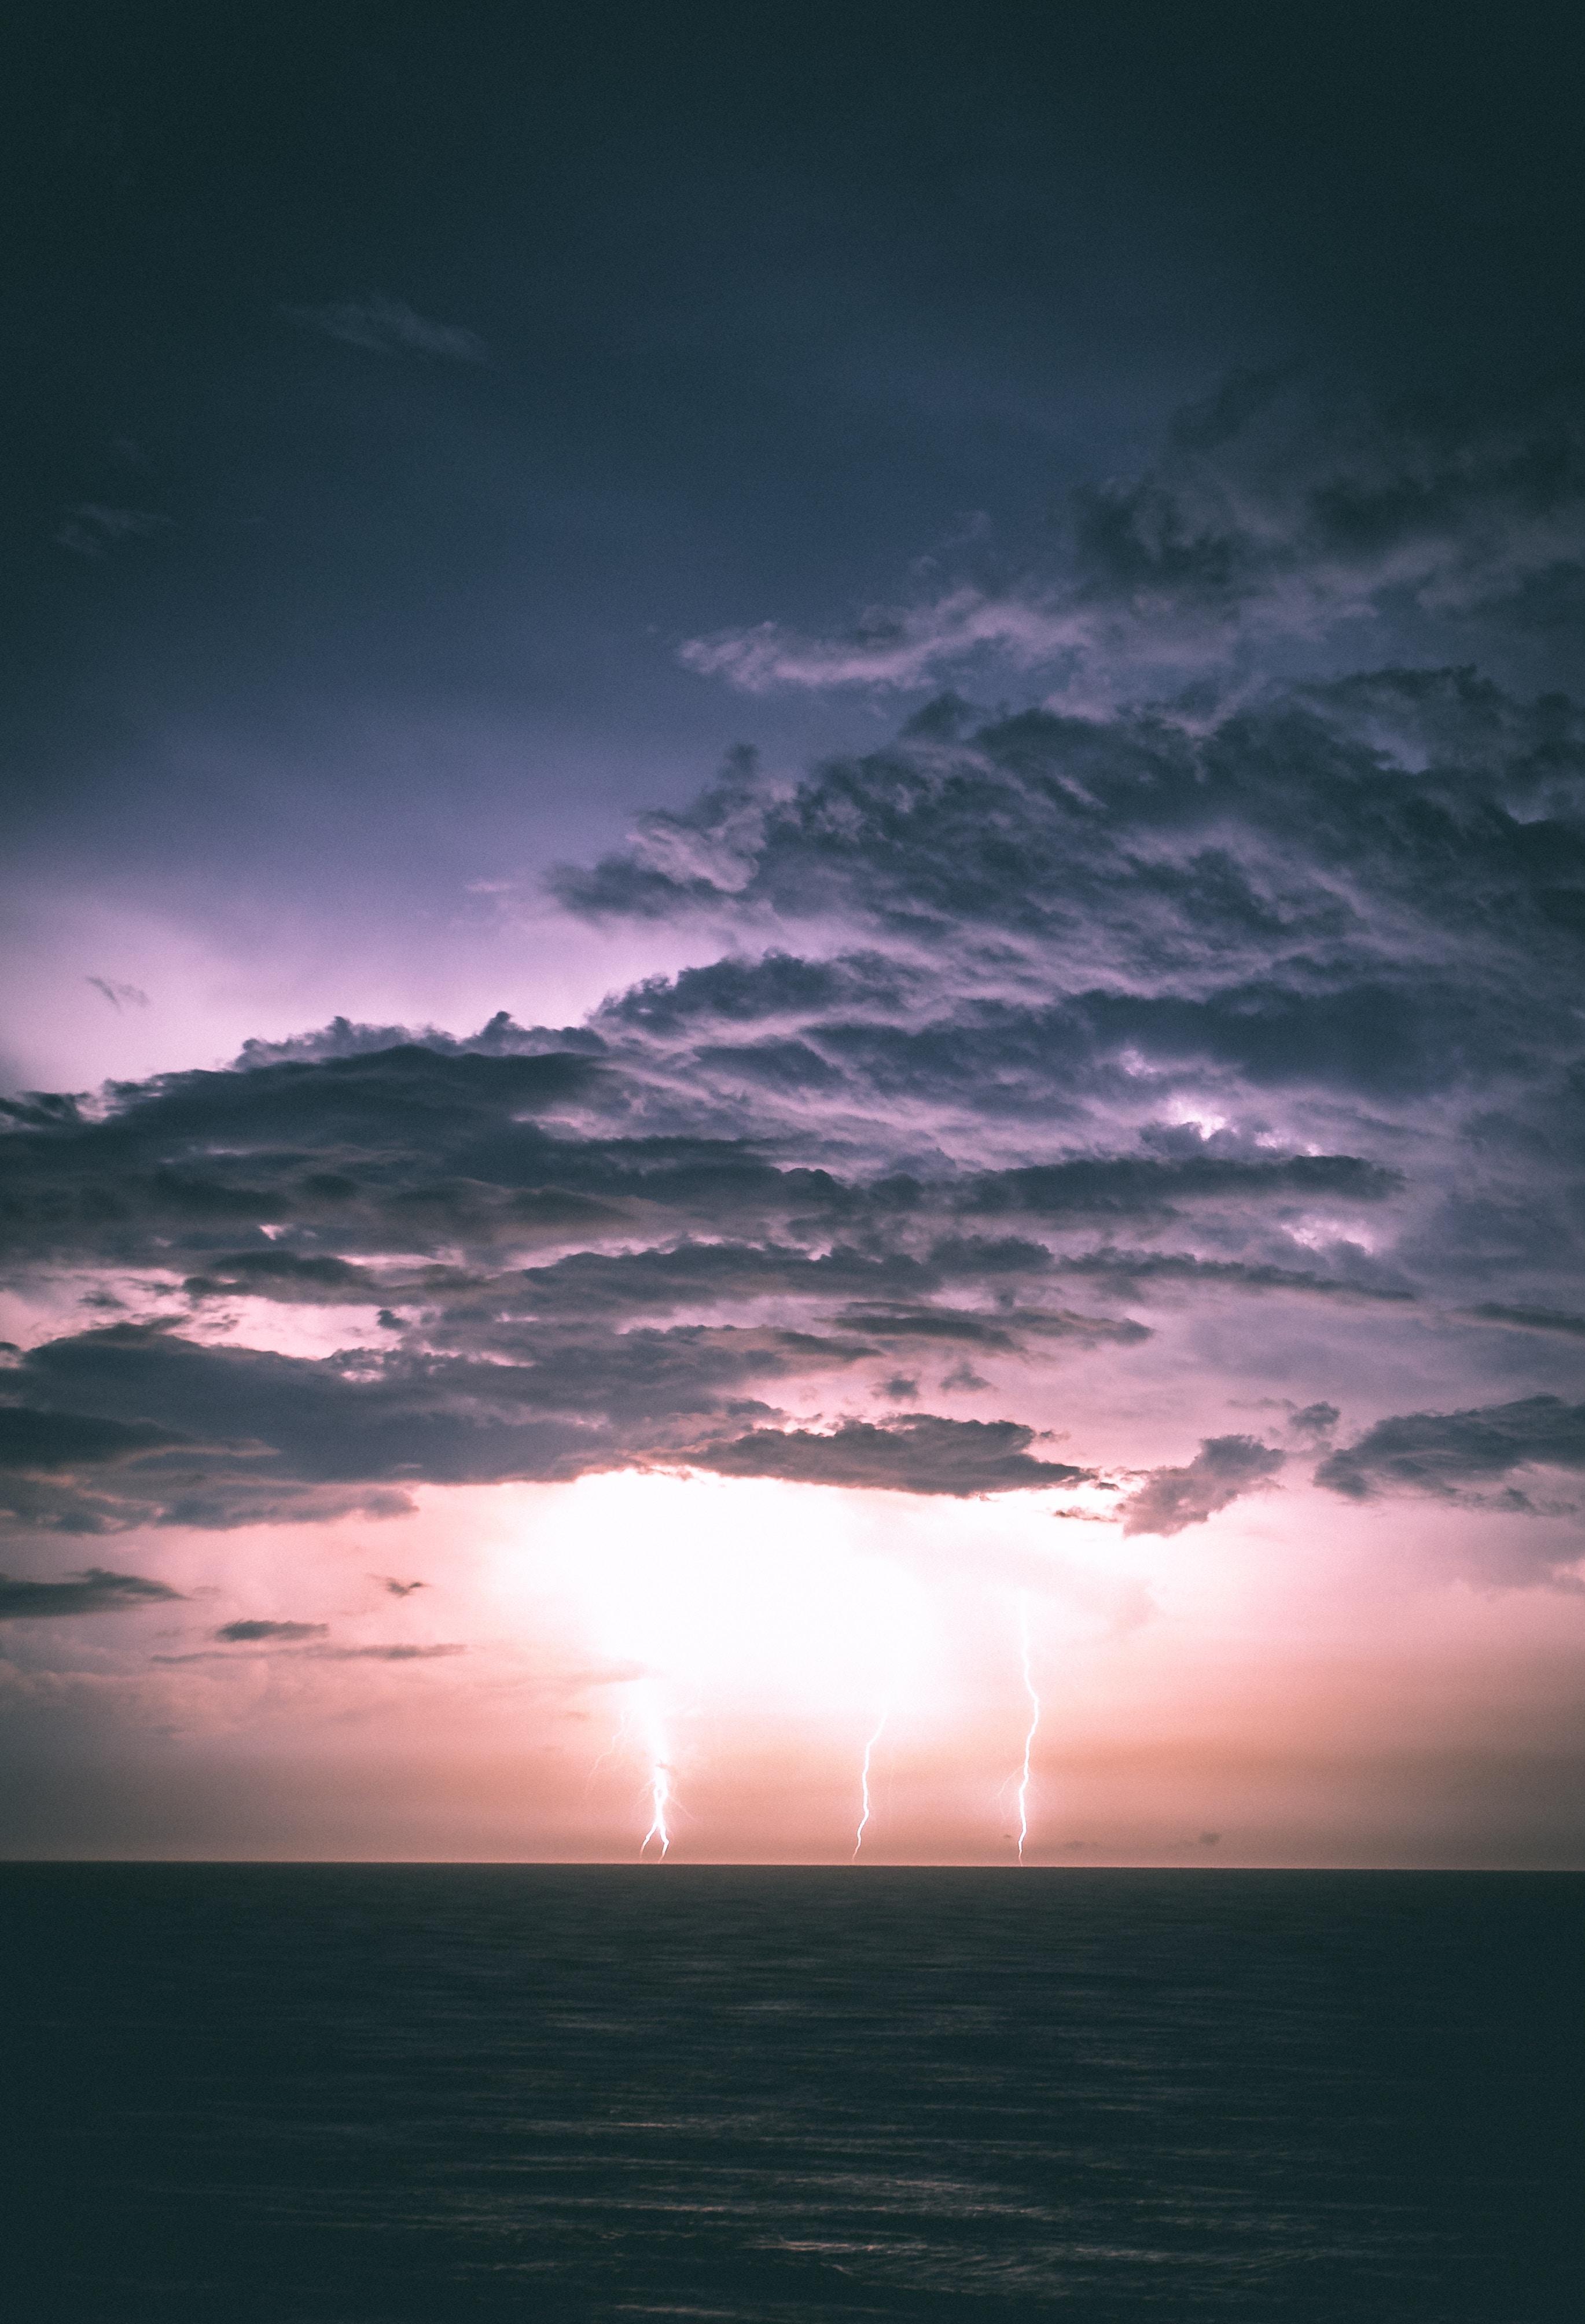 125988 скачать обои Молнии, Природа, Море, Ночь, Облака, Горизонт, Пасмурно - заставки и картинки бесплатно